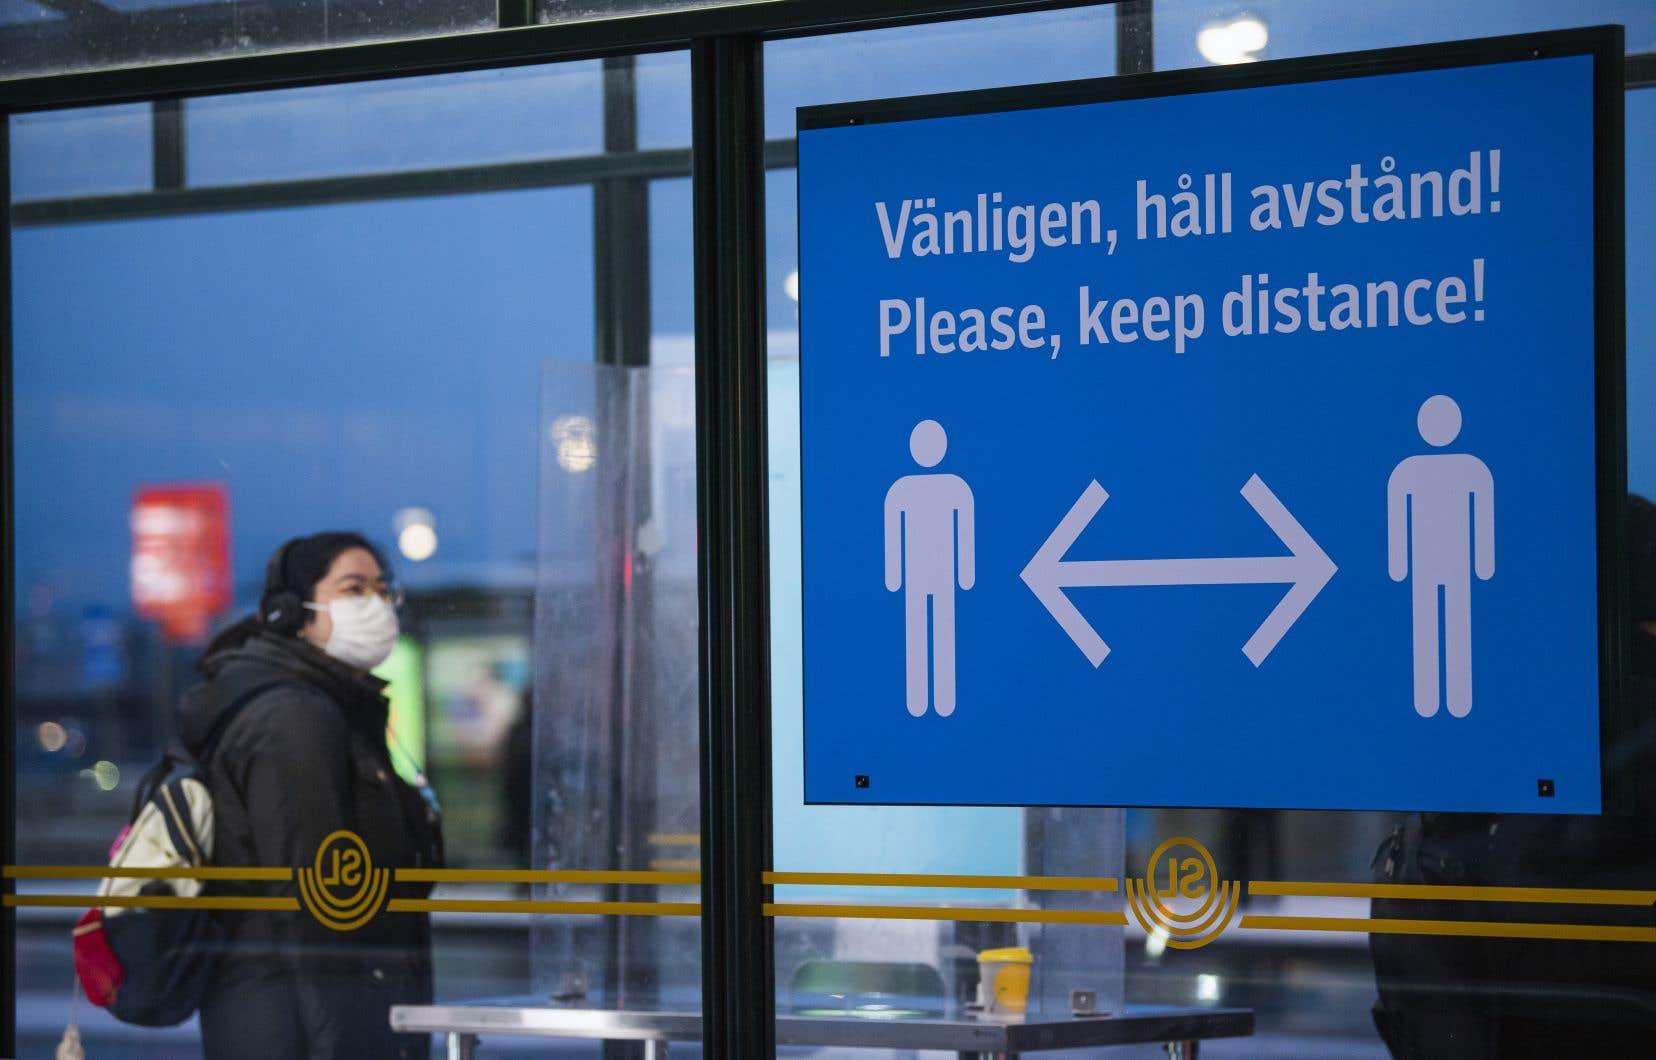 Faisant face à une forte seconde vague, la Suède est actuellement un des pays les plus touchés en Europe.